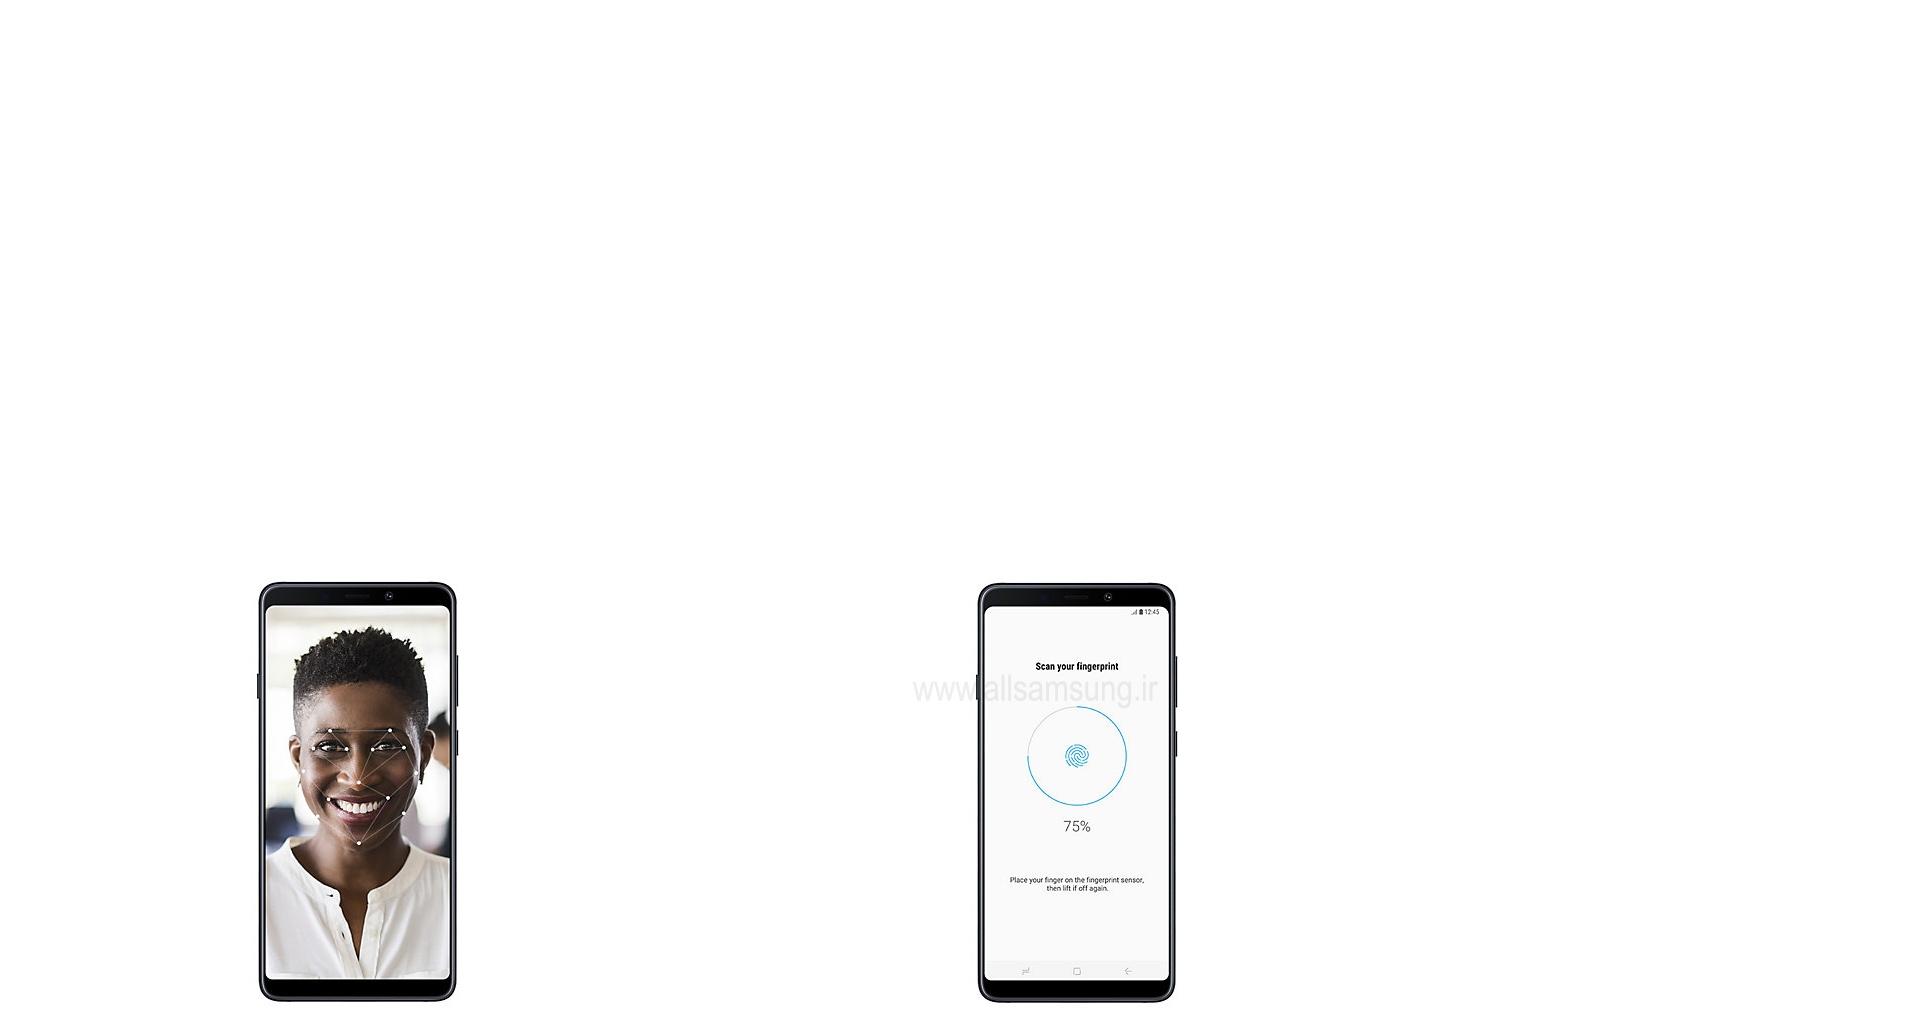 امنیت بی نظیر در گوشی هوشمند گلکسی ای 9